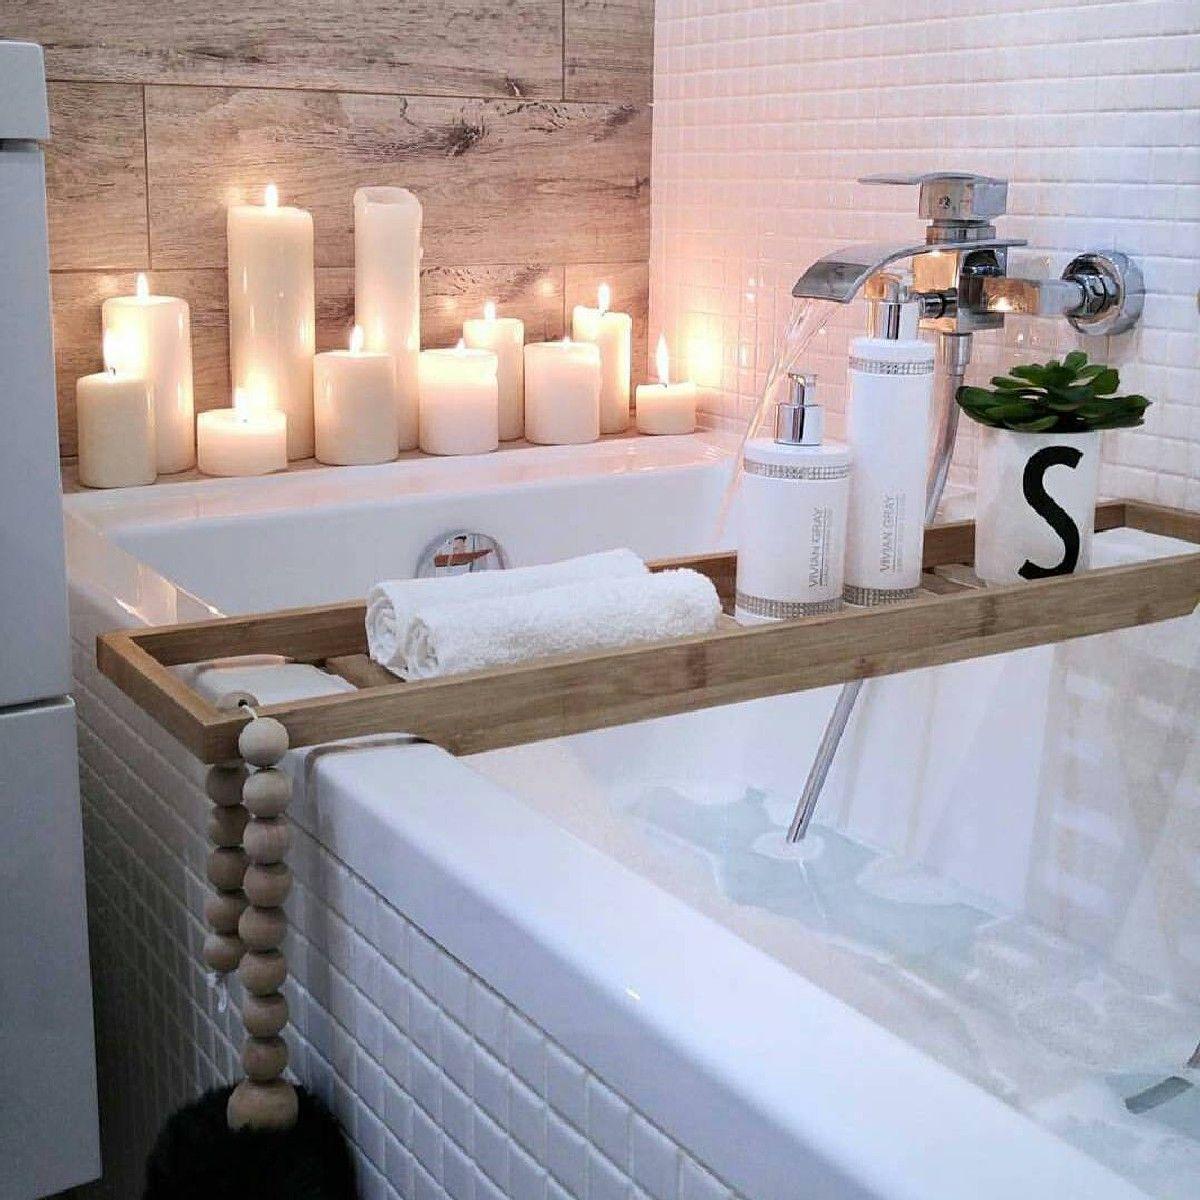 Gợi ý 10 cách thiết kế spa tại nhà giúp nâng tầm không gian phòng tắm - Ảnh 5.